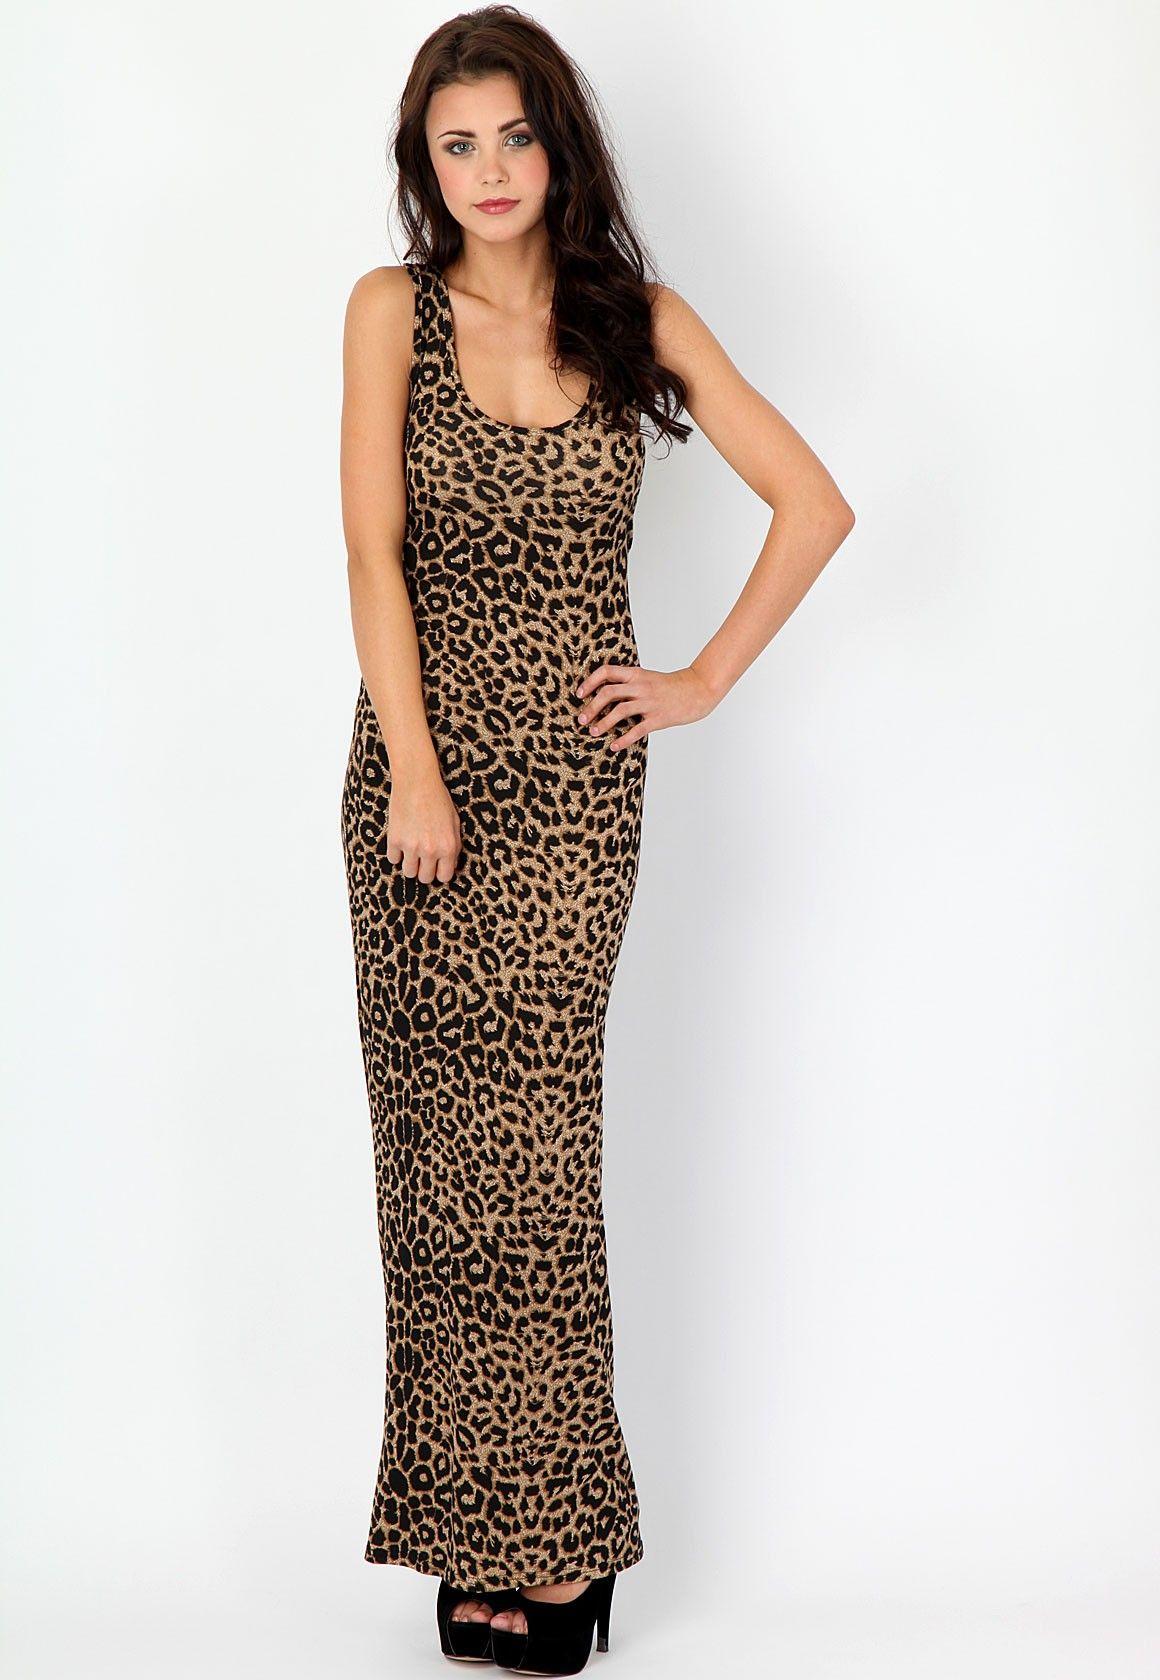 3550d9cec26 Frilla Racer Back Leopard Print Maxi Dress